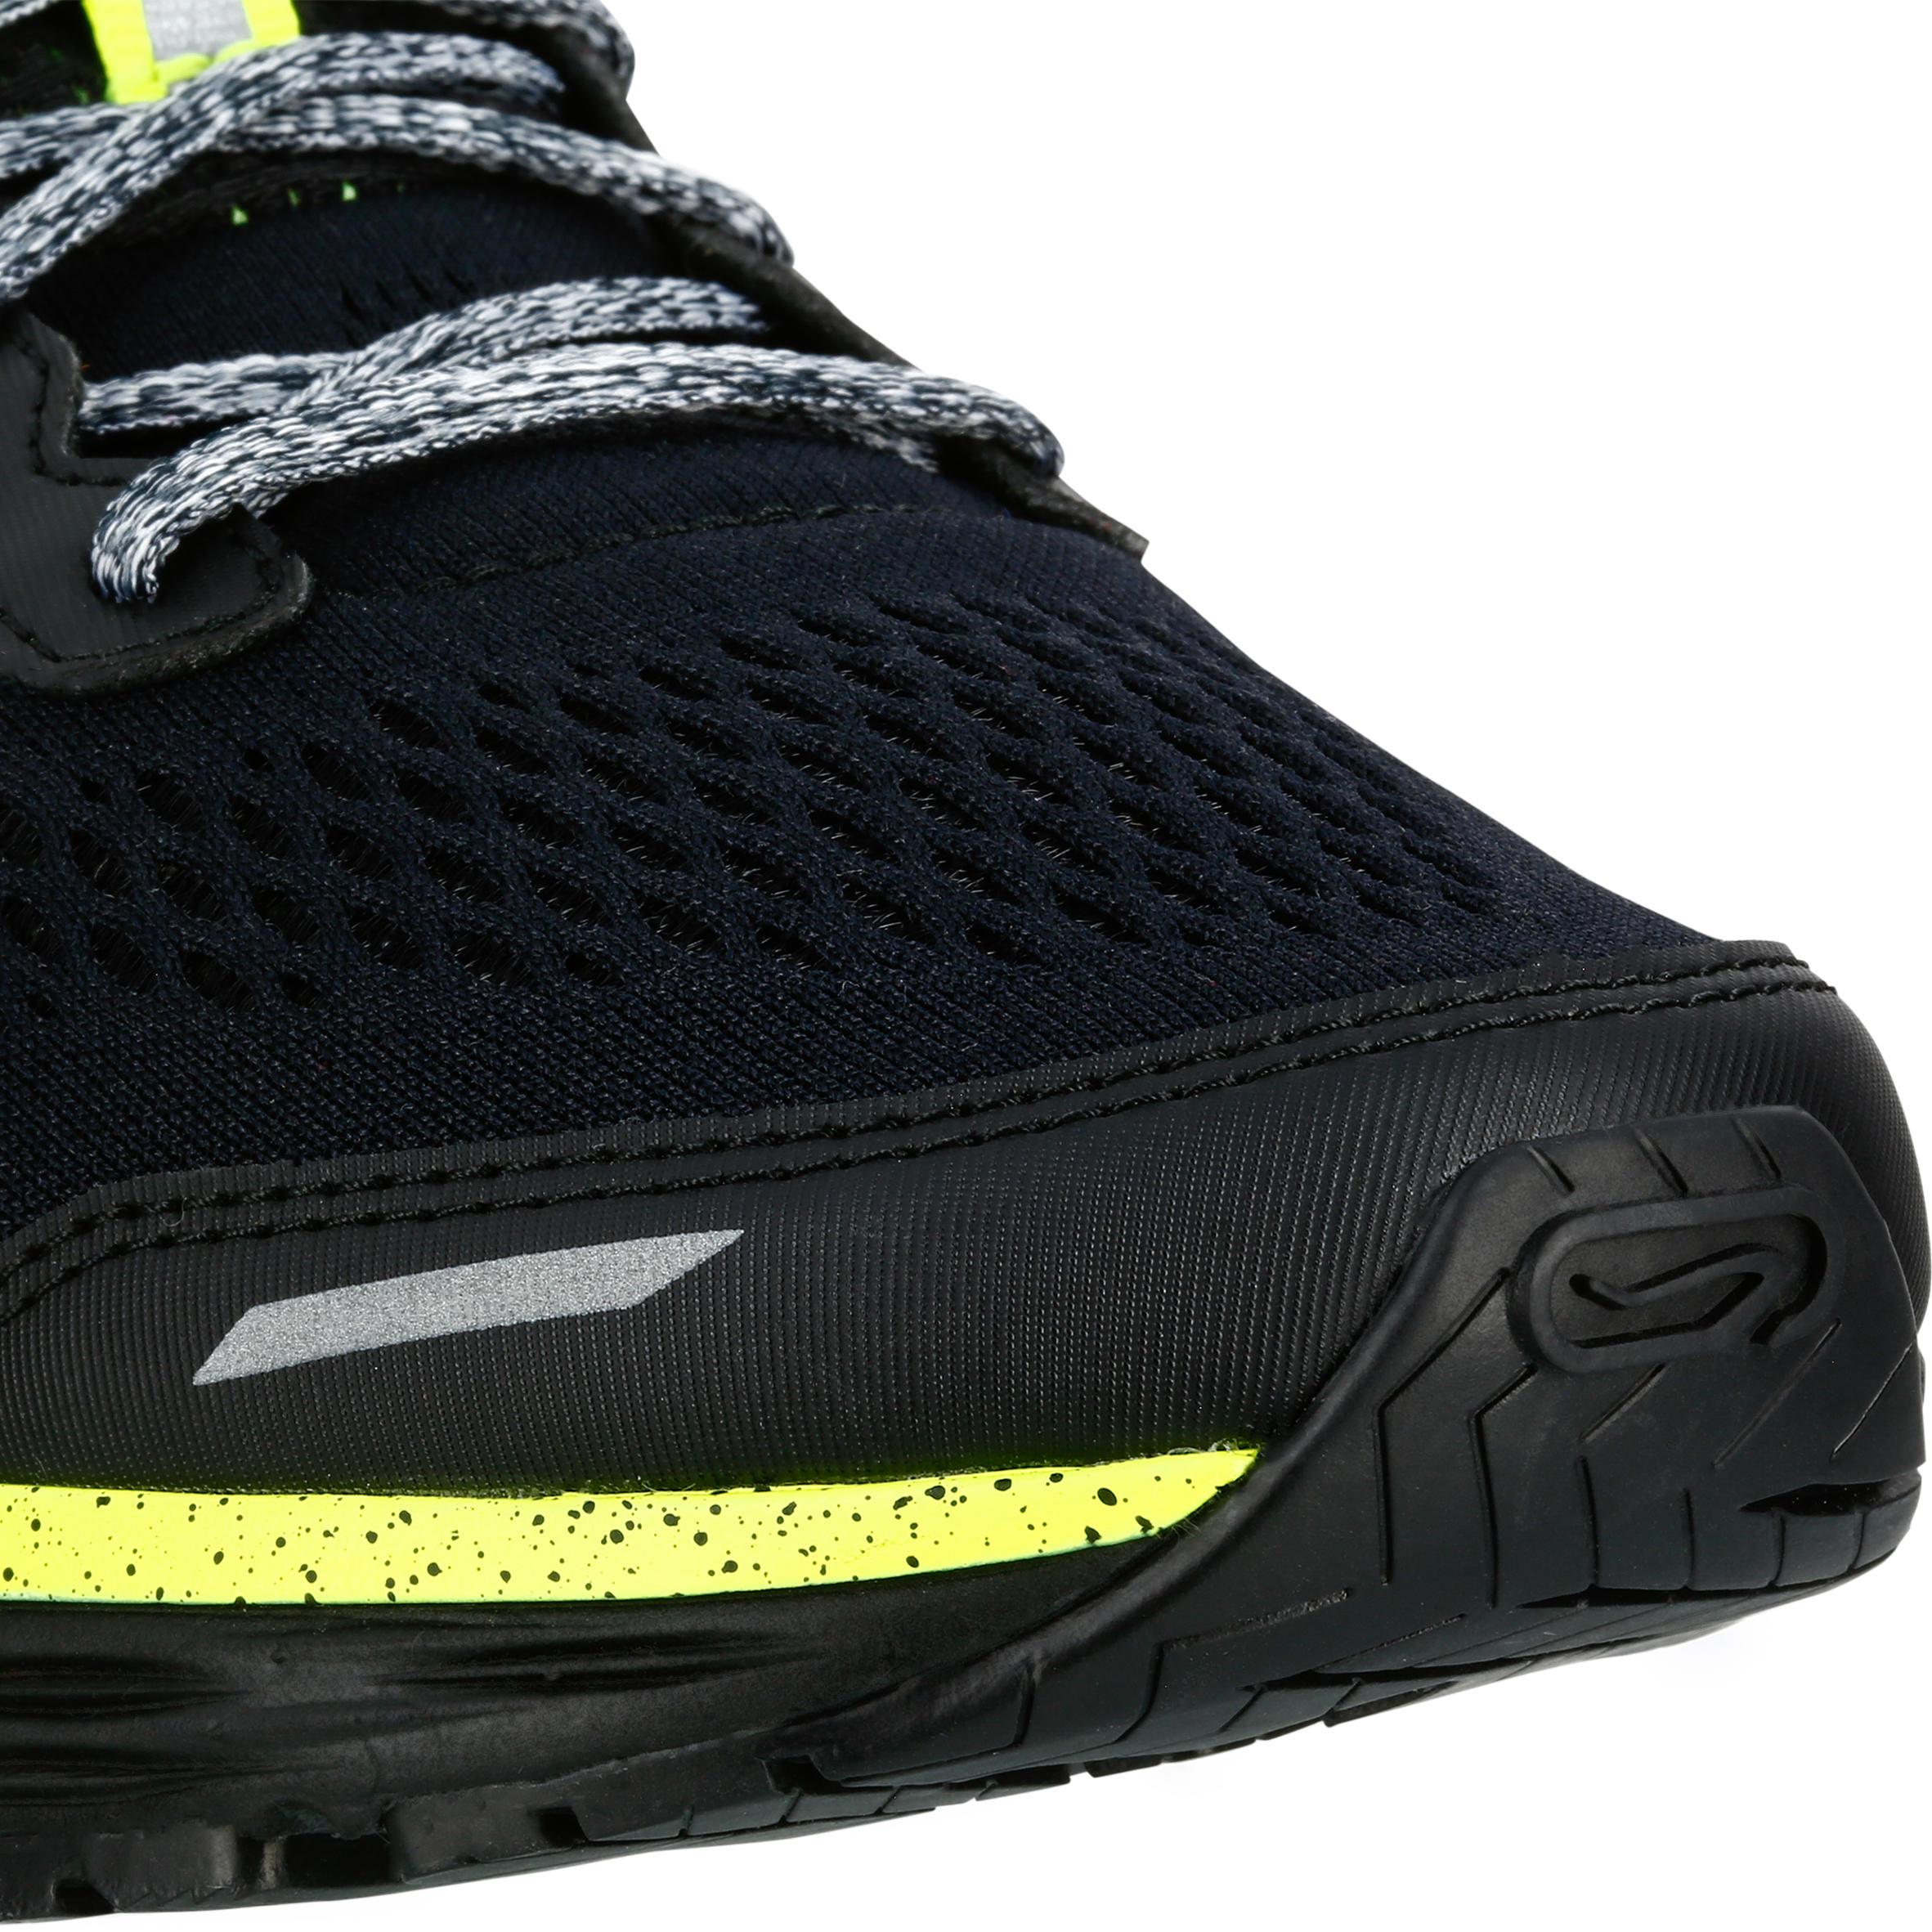 Homme Running Deperlante Jaune Noire Kiprun Long Chaussures De knOP0w